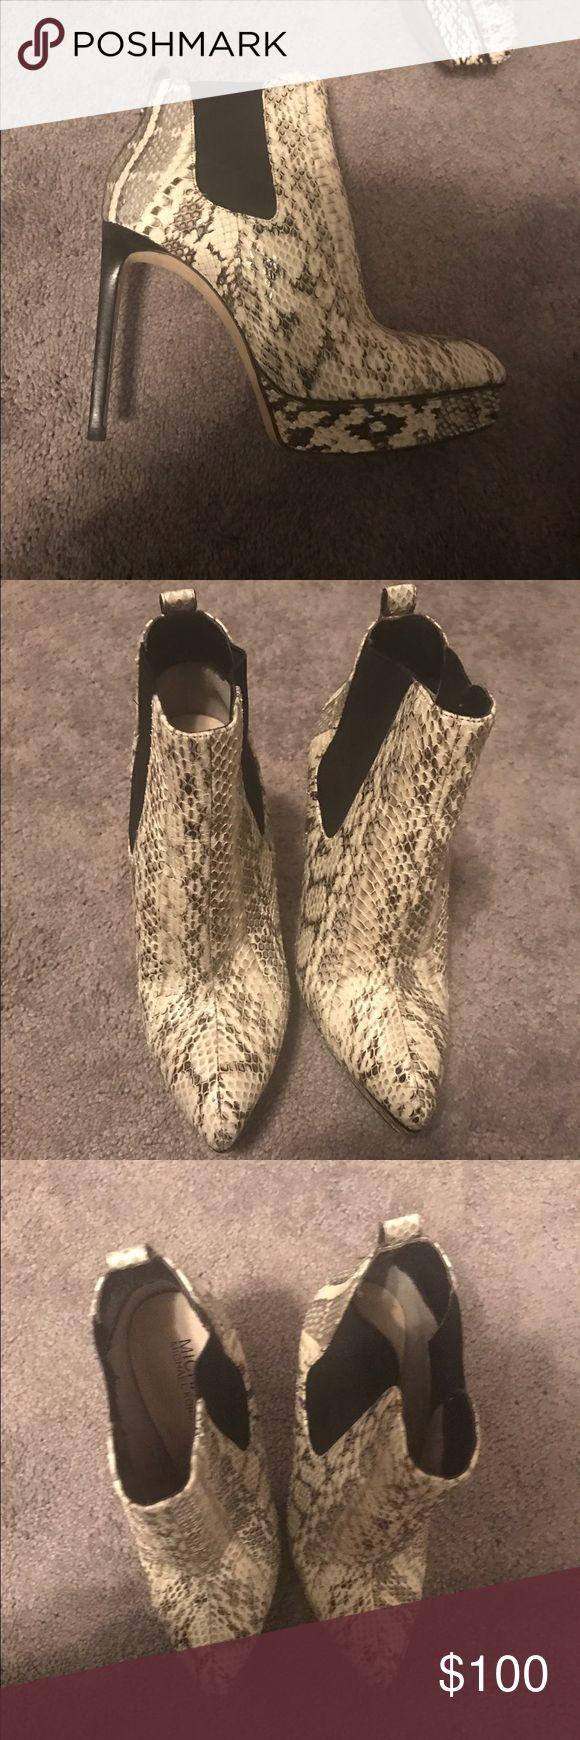 Michael Kors white and black snake skin booties MIchael Kors black and white sneak skin booties. Michael Kors Shoes Ankle Boots & Booties